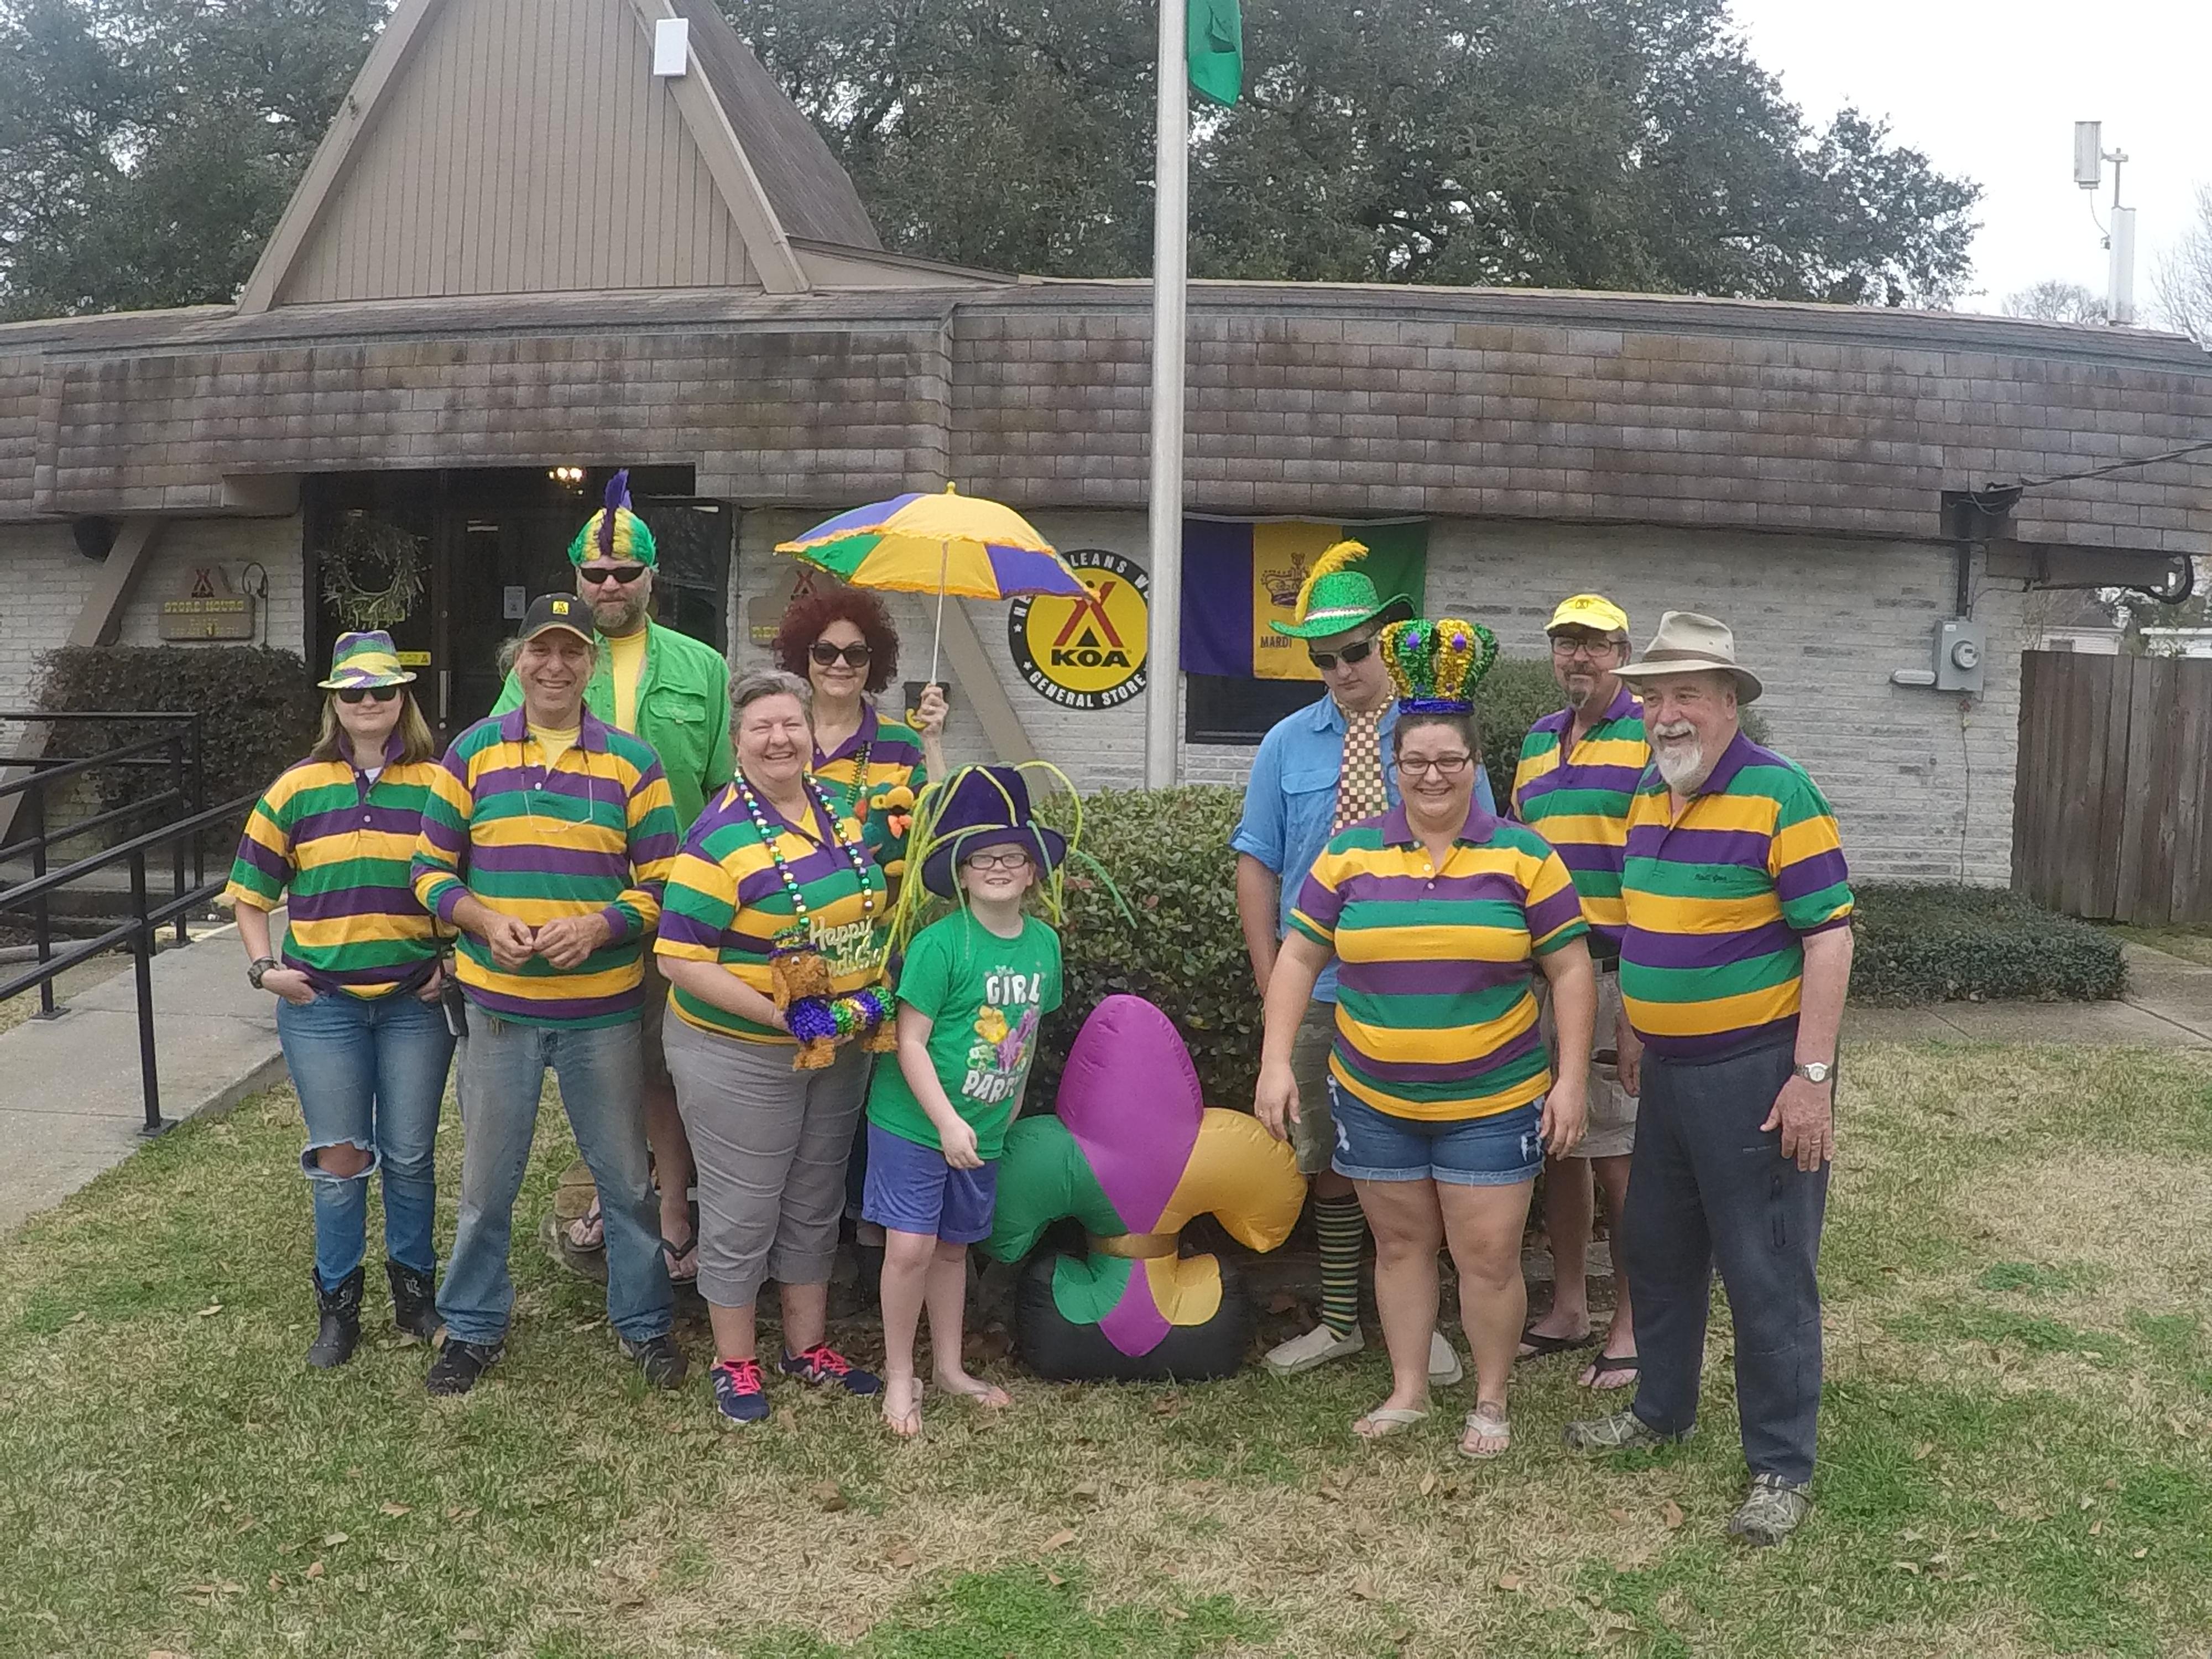 New Orleans KOA image 22